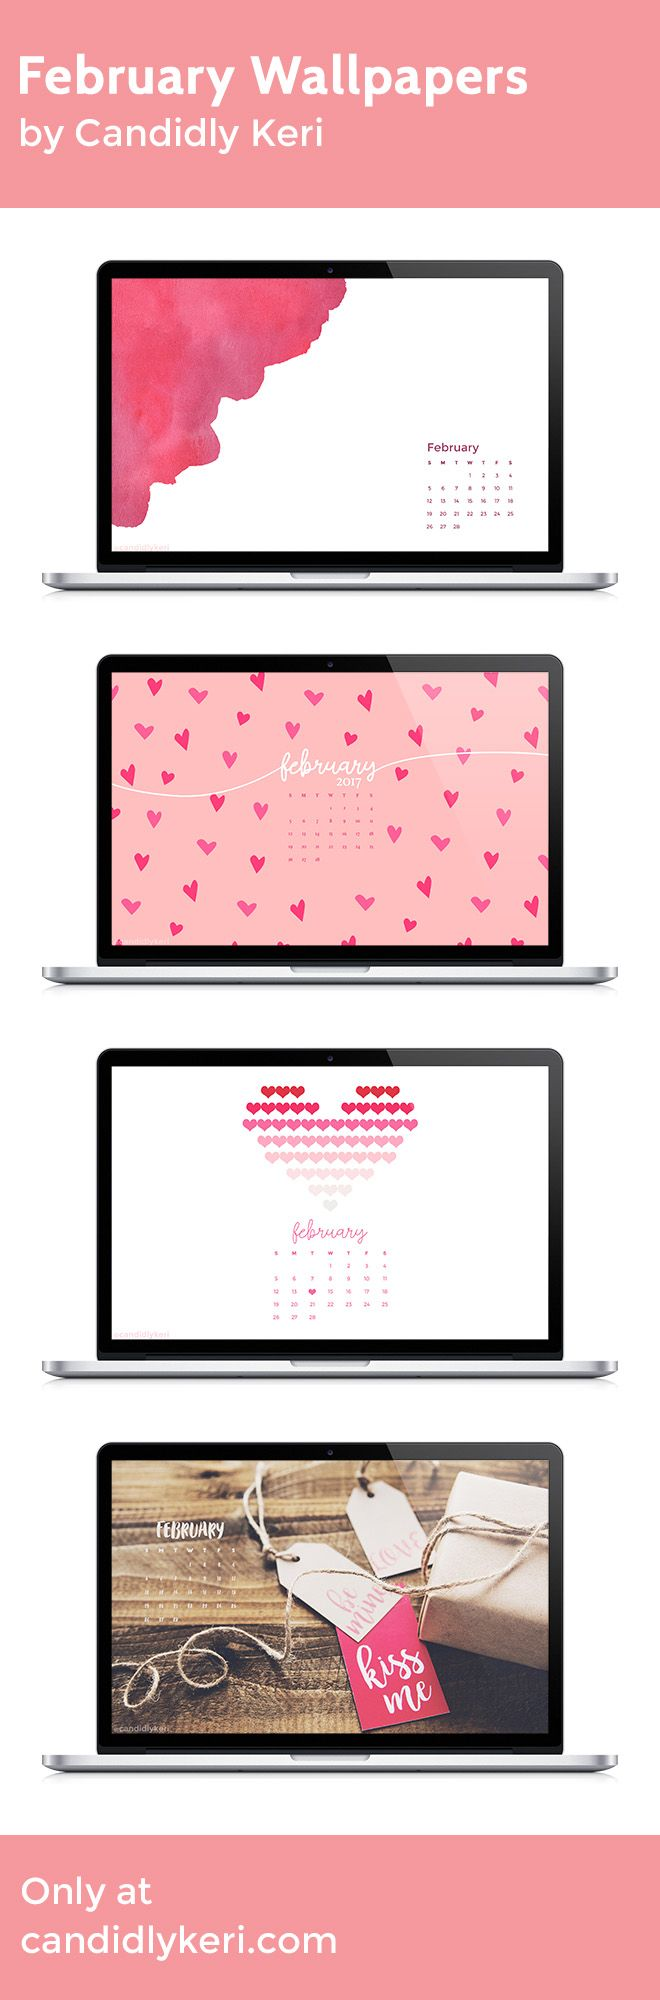 Macbook Wallpaper Calendar : Best ideas about february calendar on pinterest free